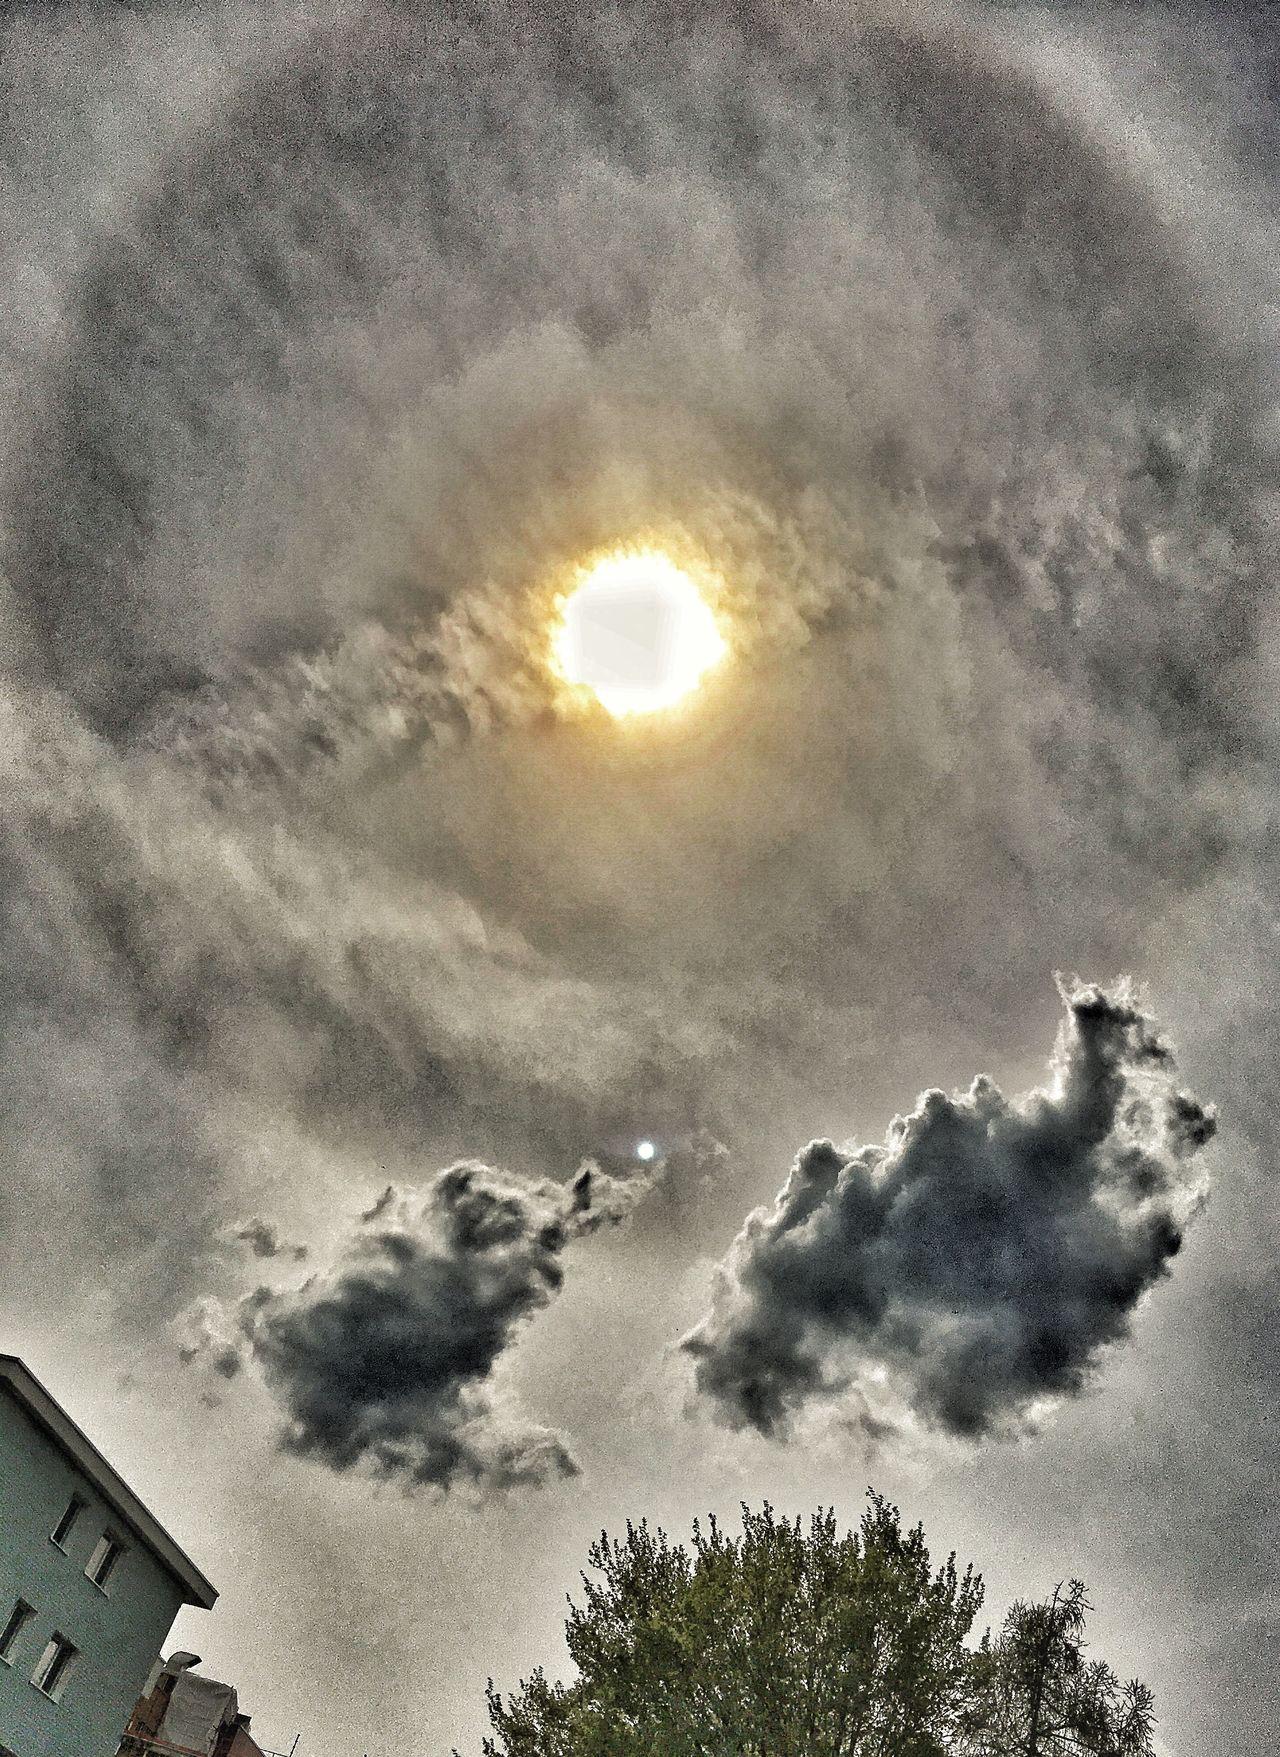 Halo Taking Photos Interesting Perspectives Himmel Und Wolken Himmelskunst HALOS